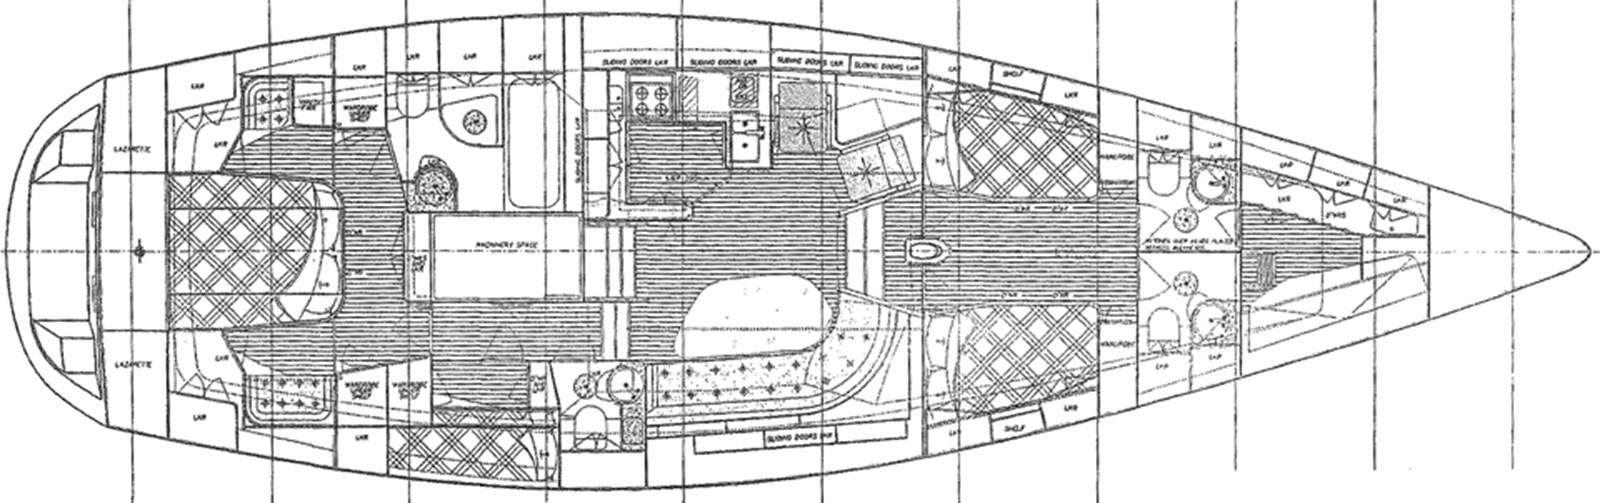 farr-60-pilothouse-layout-1 1999 NAJAD Farr 60 Pilothouse Cruising Sailboat 2830150